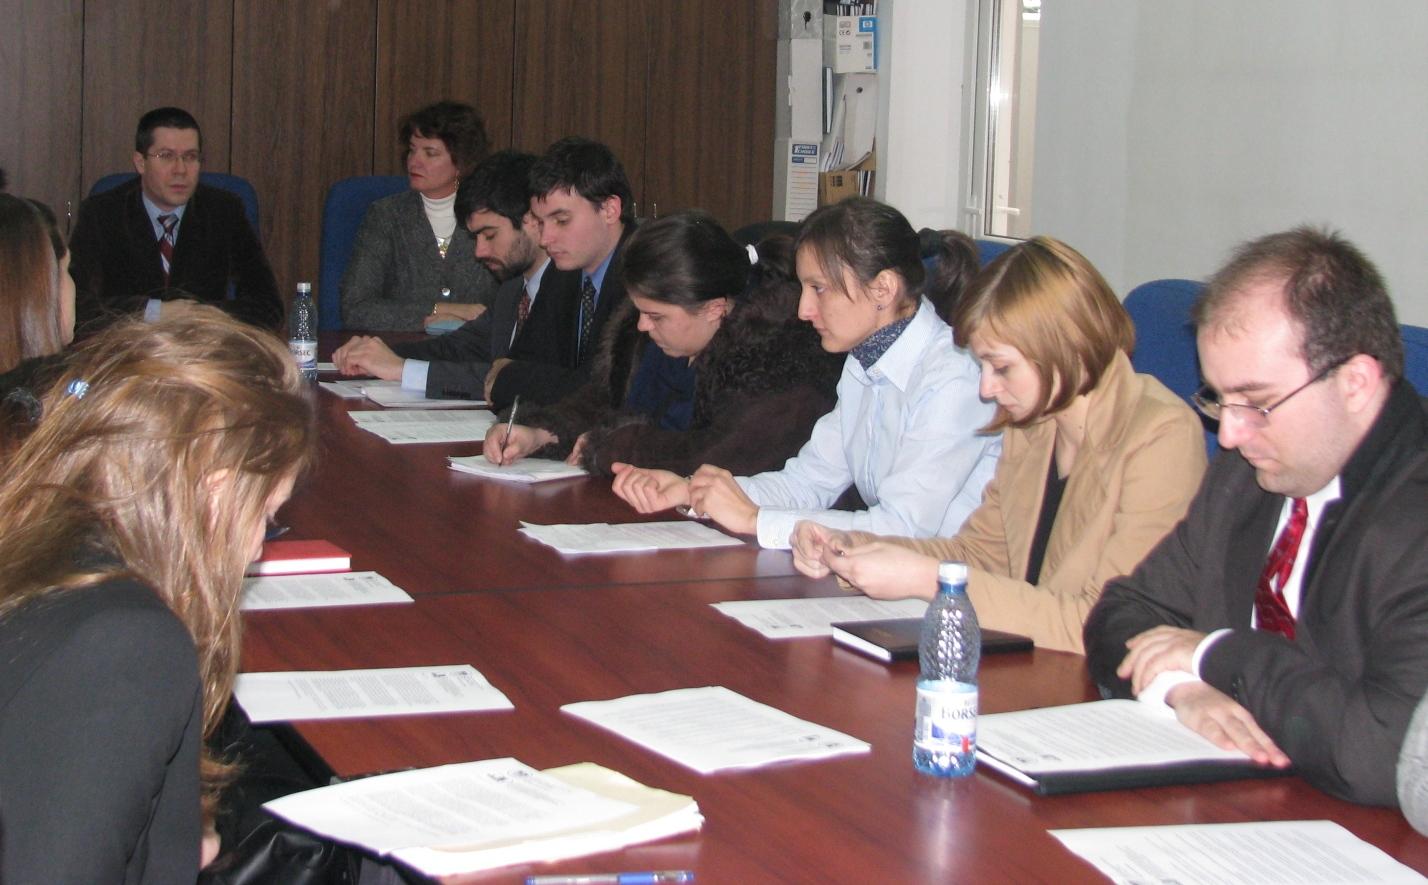 """Masteranzi de la Catedra de Administraţie Publică a Universităţii """"Babeş-Bolyai"""" și de la School of Urban Affairs & Public Policy a Universității din Delaware, SUA, au lucrat timp de două săptămâni la cercetări comune comparative. Acest program de cercetare şi schimb de experienţă se află deja la a doua ediţie, un grup similar de studenţi vizitând România în ianuarie 2008.  Fiecare echipă a avut o temă de cercetare stabilită în prealabil, care a fost îndelinită prin realizarea unor interviuri cu persoane din instituţii relevante – administraţia publică locală şi judeţeană, structuri deconcentrate, ONG-uri, etc. """"Cercetările efectuate de grupurile mixte de studenți au început cu teme referitoare la politici educaționale, de exemplu descentralizarea în educație, descentralizarea în sănătate și managementul în domeniul sănătății publice, transparența și accesul la informațiile publice, și alte teme de interes atât pentru România cât și pentru Statele Unite ale Americii."""", a declarat Dacian Dragoș, prodecanul Facultății de Științe Politice, Administrative și ale Comunicării.  La sfârşitul stagiului, echipele vor prezenta cercetările, ce mai apoi vor fi incluse într-o carte.  Mara Rusu"""